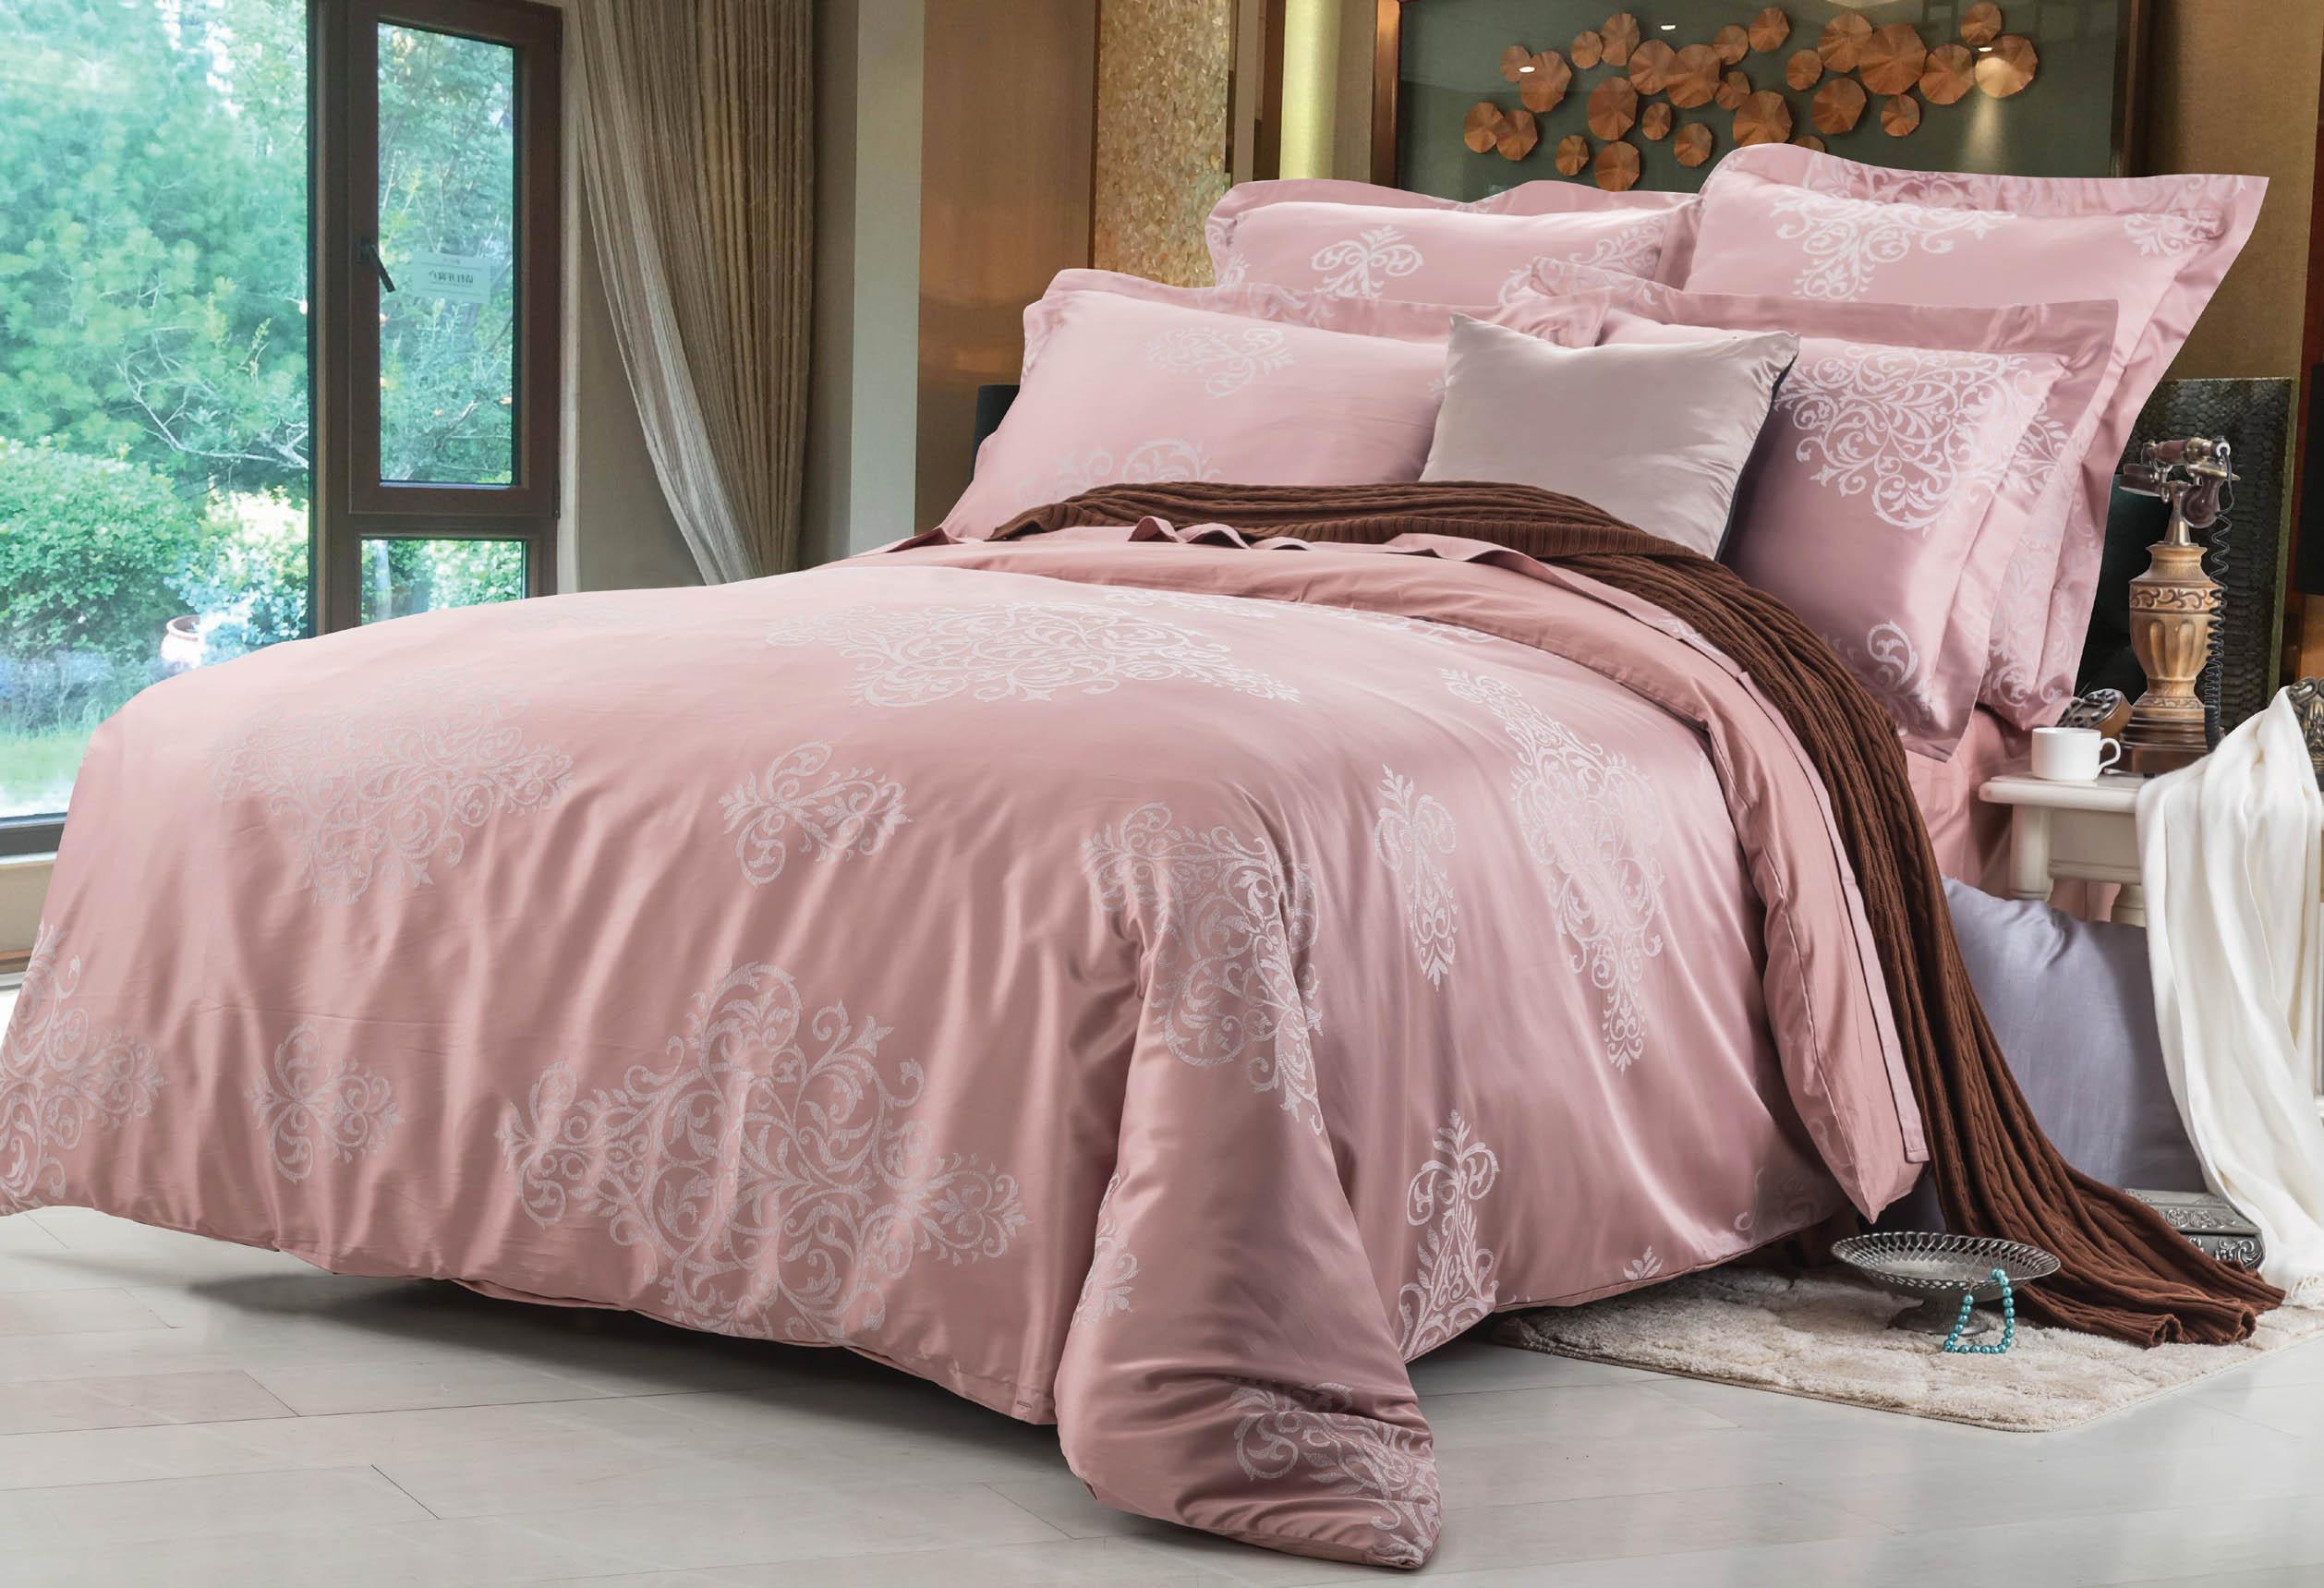 Купить Комплекты постельного белья СайлиД, Постельное бельеMelody F-131(2 сп. евро), Китай, Розовый, Хлопковый сатин